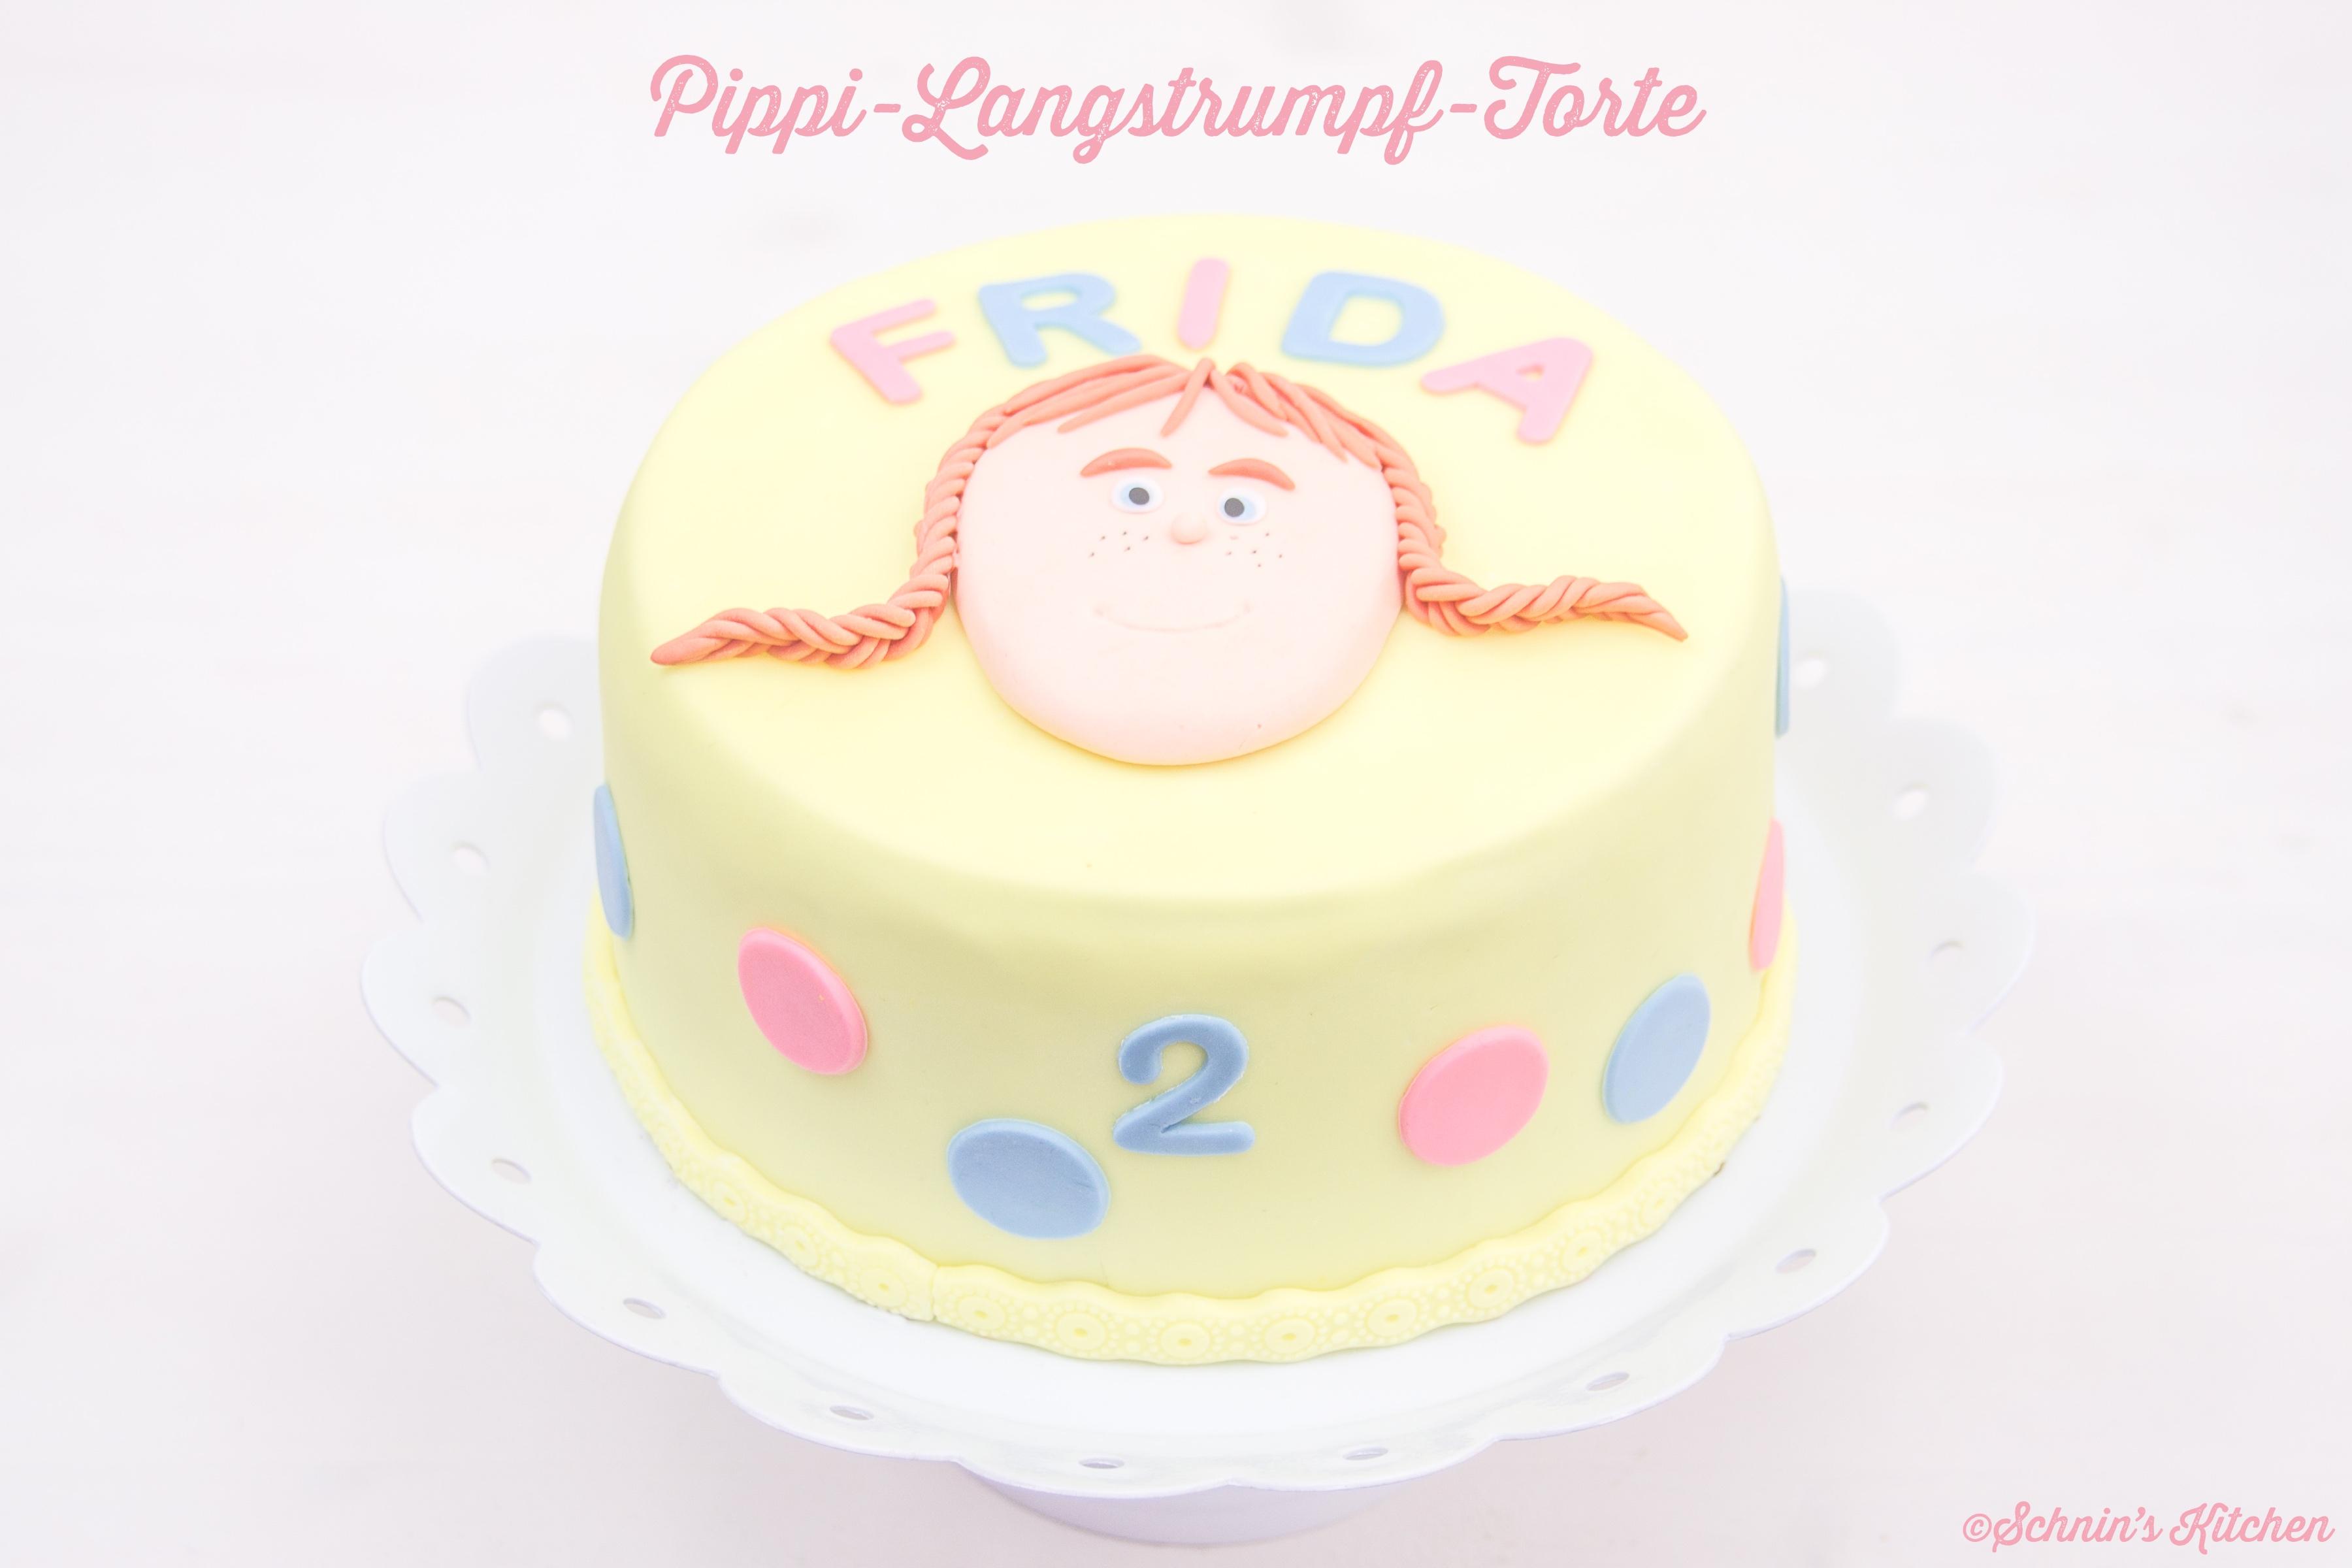 Pippi-Langstrumpf-Torte mit Fondant. Die perfekte Geburtstagstorte für kleine Pippi-Fans. | www.schninskitchen.de